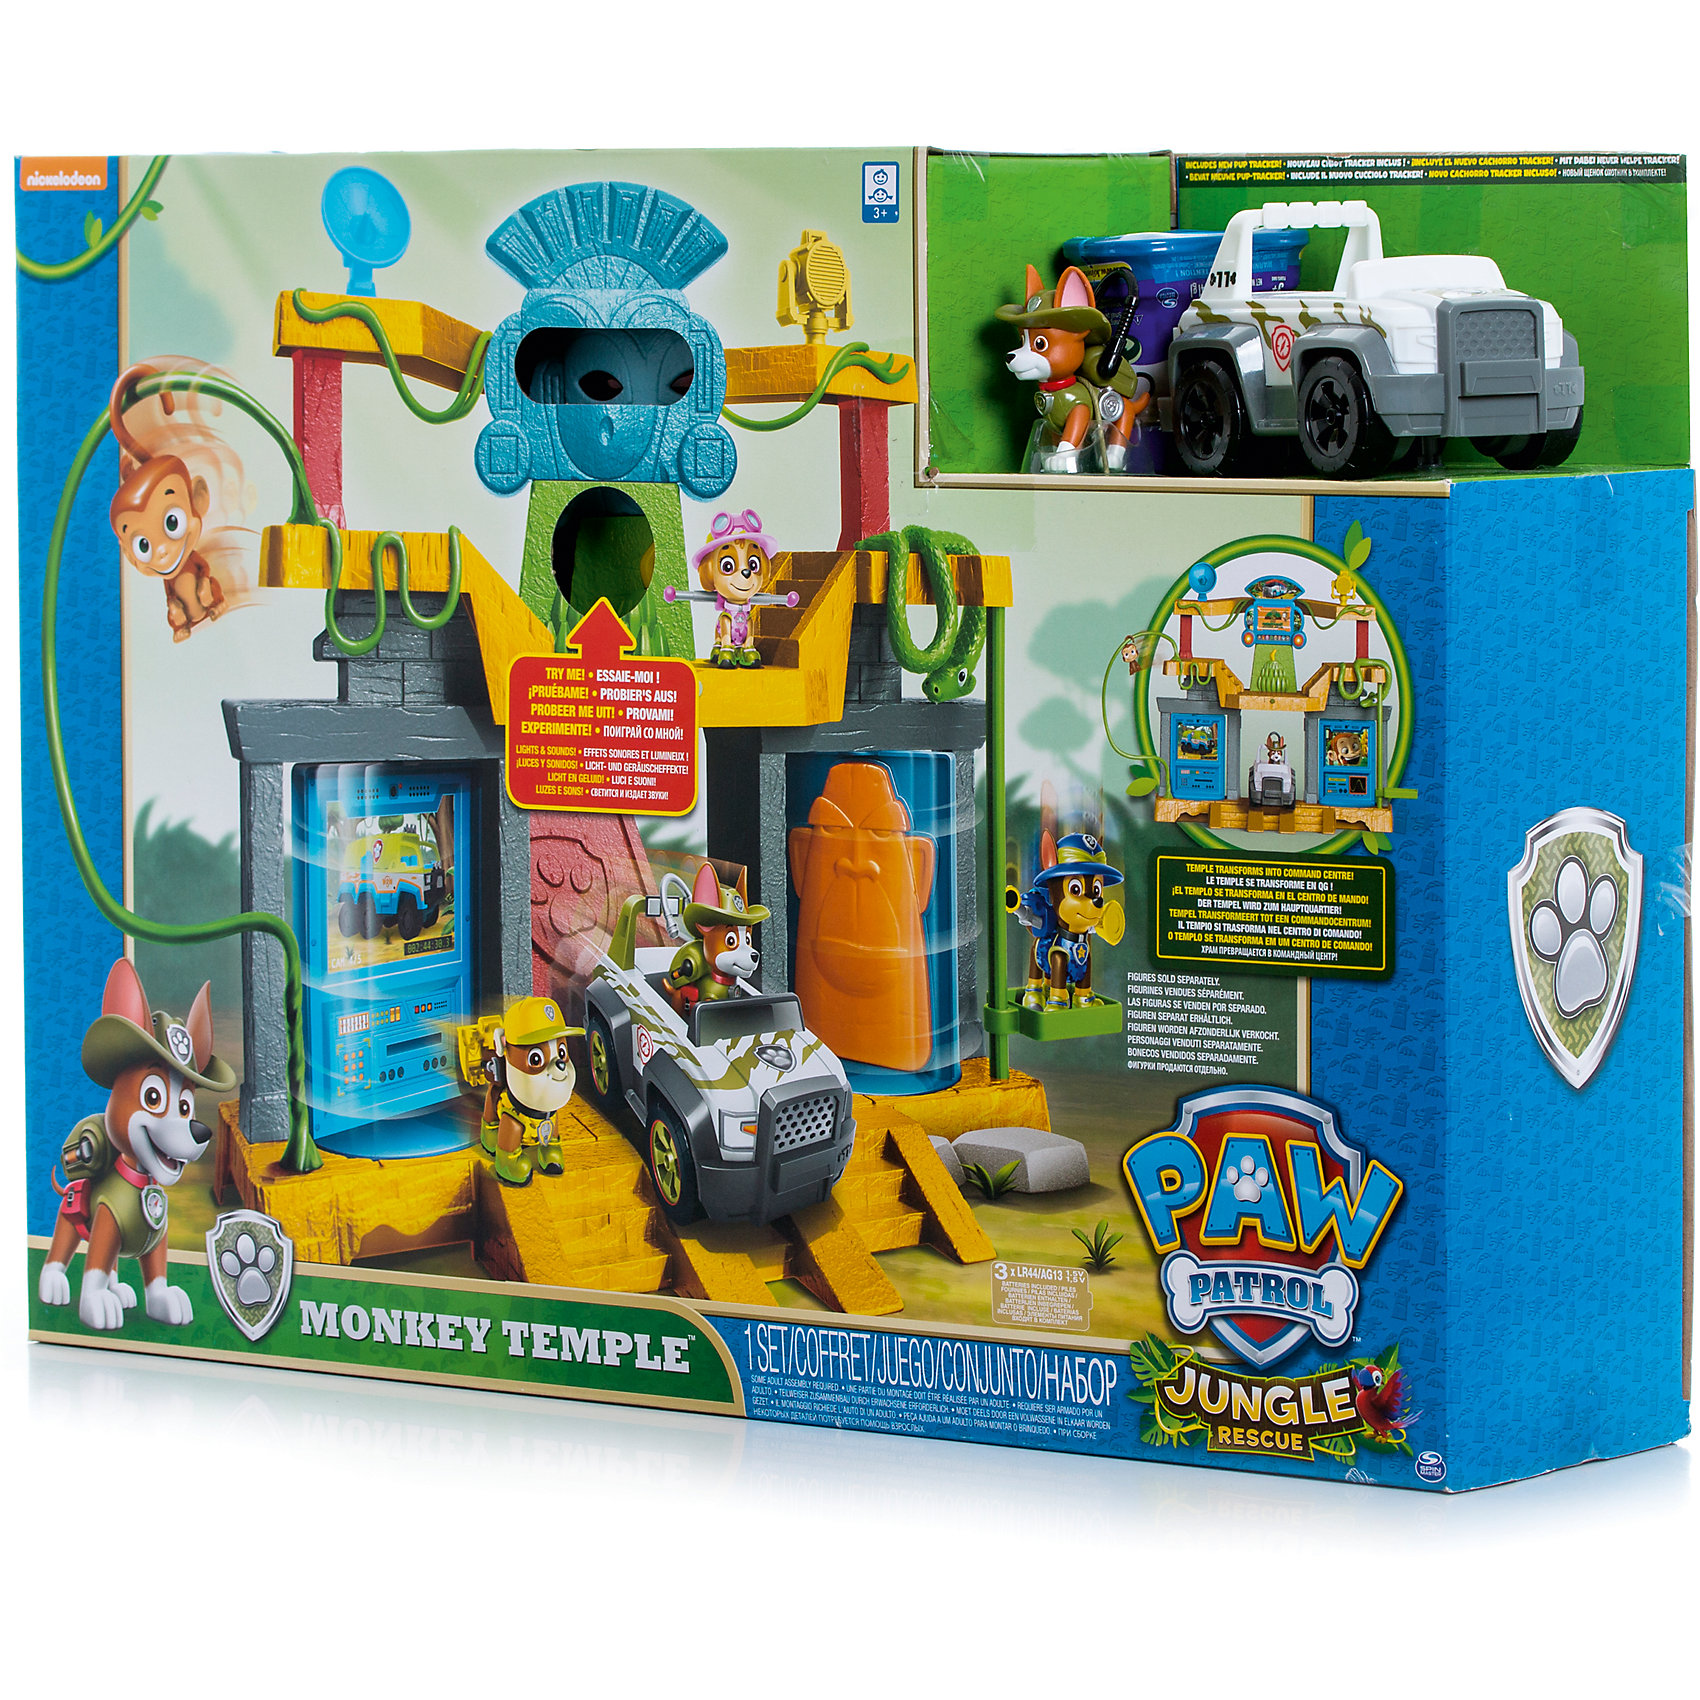 Игрушка Штаб спасателей в джунглях, Щенячий патруль, Spin MasterИгровые наборы<br>Характеристики товара:<br><br>• возраст от 3 лет;<br>• материал: пластик;<br>• в комплекте: фигурка щенка, обезьянка, автомобиль, подвижные стены, крутящийся камень, трапы;<br>• работает от 3 батареек LR44 (в комплект не входят);<br>• размер упаковки 58х40х13 см;<br>• страна производитель: Китай.<br><br>Игрушка «Штаб спасателей в джунглях» Щенячий патруль Spin Master создана по мотивам известного мультфильма «Щенячий патруль» про отважных щенков-спасателей. <br><br>Игрушка выполнена в виде большого храма в джунглях, обвитого лианами. Чтобы подняться на 2 этаж храма, надо пройти на специальный подъемник. На вершине храма расположился большой тотем в виде обезьяны. Нажав на банан, тотем начнет издавать звуки, а глаза засверкают. <br><br>Храм может превращаться в командный центр щенков-спасателей. Достаточно лишь повернуть переключатель, и храм превратиться в центр с изображениями и табличками любимых персонажей. В комплекте фигурка Трекера с рюкзачком на спине и его машина, на которой он отправляется на важные задания.<br><br>Игрушку «Штаб спасателей в джунглях» Щенячий патруль Spin Master можно приобрести в нашем интернет-магазине.<br><br>Ширина мм: 590<br>Глубина мм: 130<br>Высота мм: 410<br>Вес г: 2500<br>Возраст от месяцев: 36<br>Возраст до месяцев: 2147483647<br>Пол: Унисекс<br>Возраст: Детский<br>SKU: 6728778